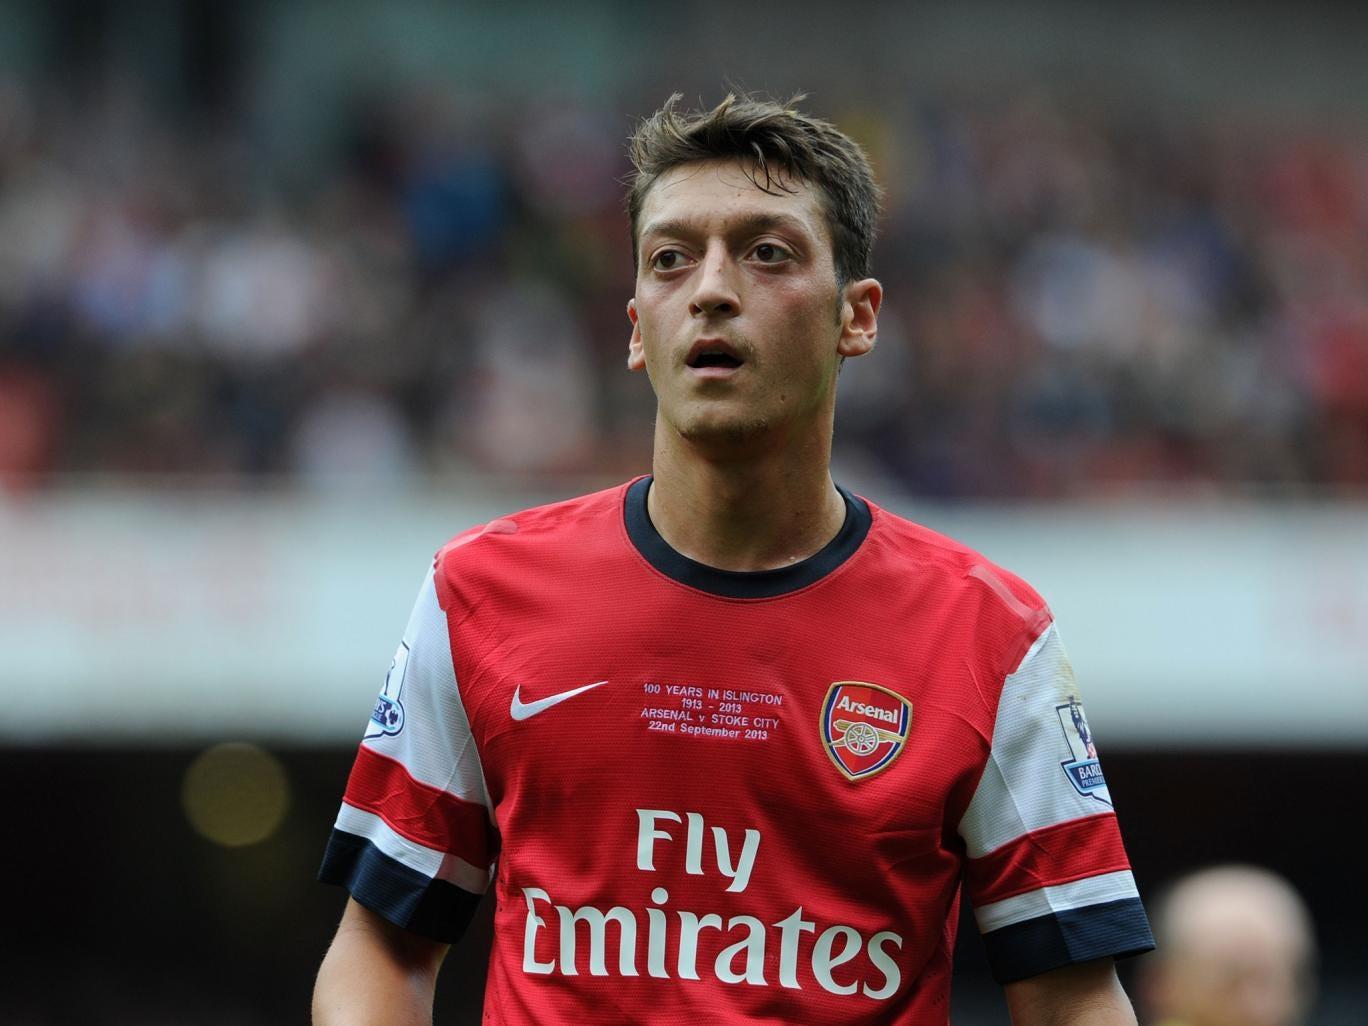 Arsene Wenger has praised midfielder Mesut Ozil for his performance against Stoke